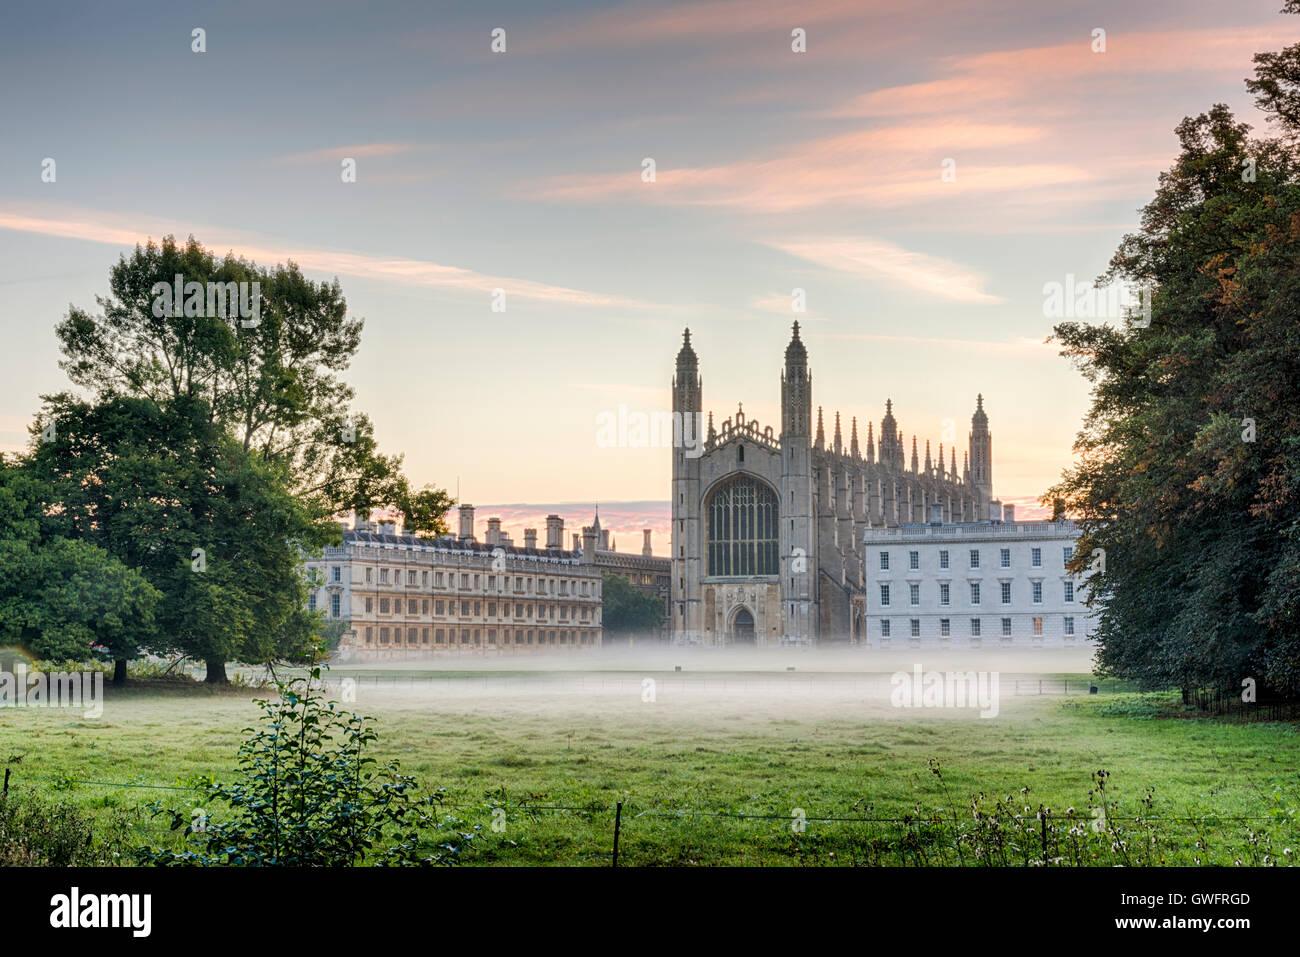 King's College di Cambridge, UK, 13 settembre 2016. La nebbia si blocca in aria e attraverso i prati ben curati Immagini Stock